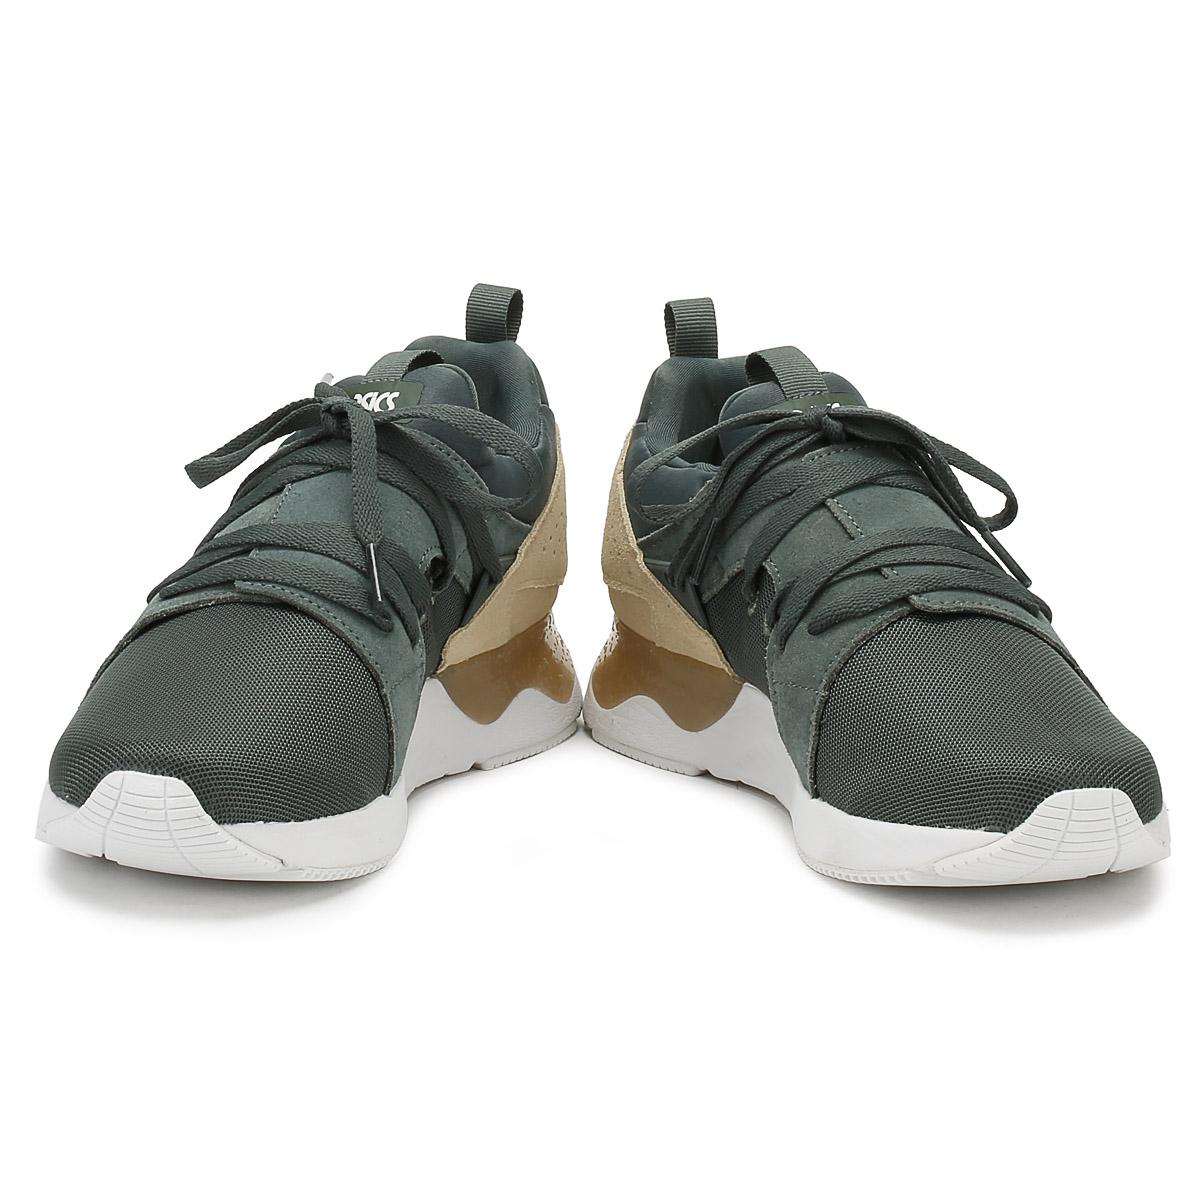 asics gel vert foncé sanze et d'hommes formateurs occasionnels lyte v sanze foncé chaussures de sport feb08f